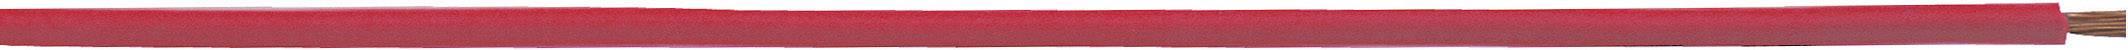 Opletenie / lanko LappKabel 4510082 H05V-K, 1 x 0.75 mm², vonkajší Ø 2.40 mm, 100 m, ružová